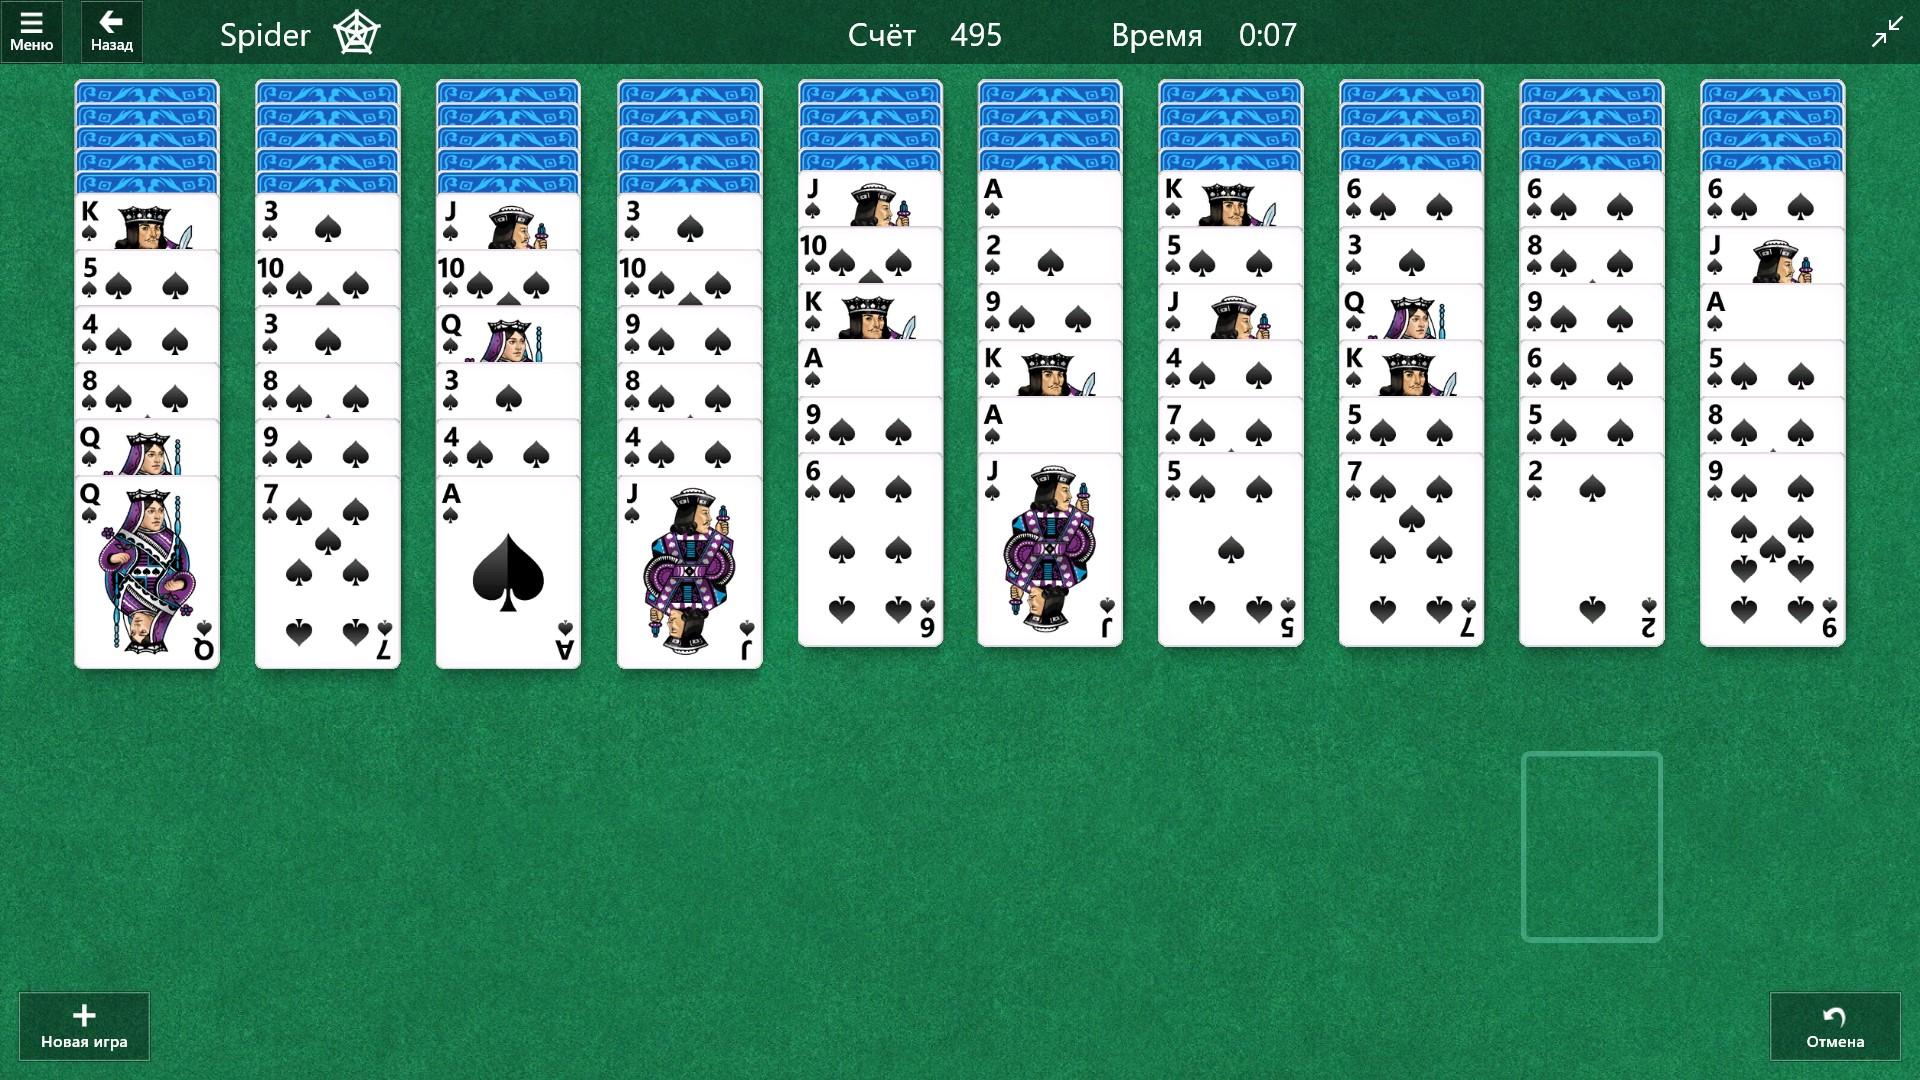 Сапер - головоломки - бесплатные игры онлайн